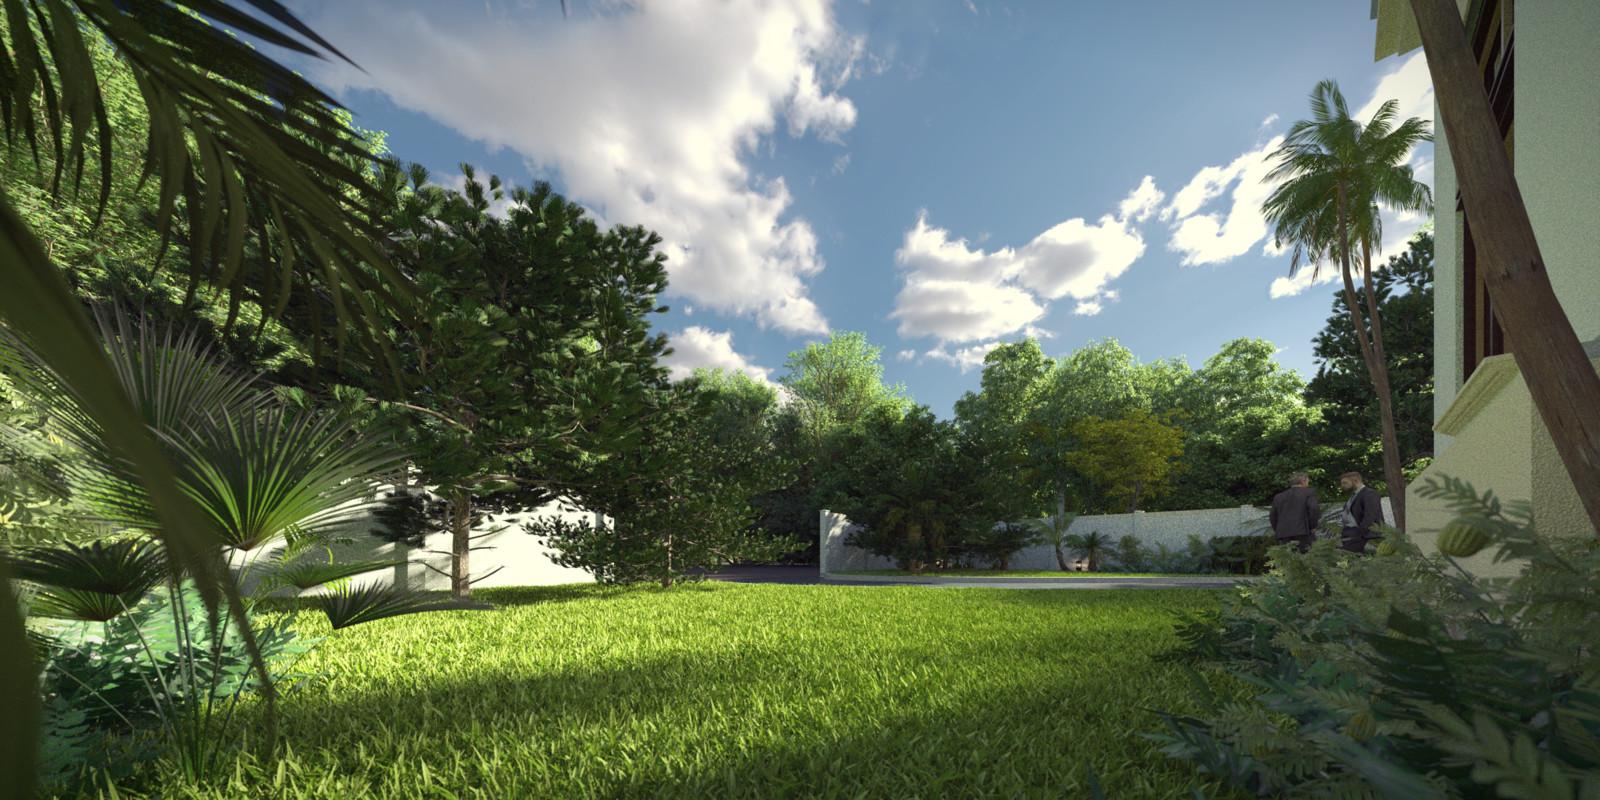 SketchUp + Thea Render  Seagrove Beach House: Front Garden floor lvl 2pt A Bob Lumina 2160 × 1080 Presto MC Bucket